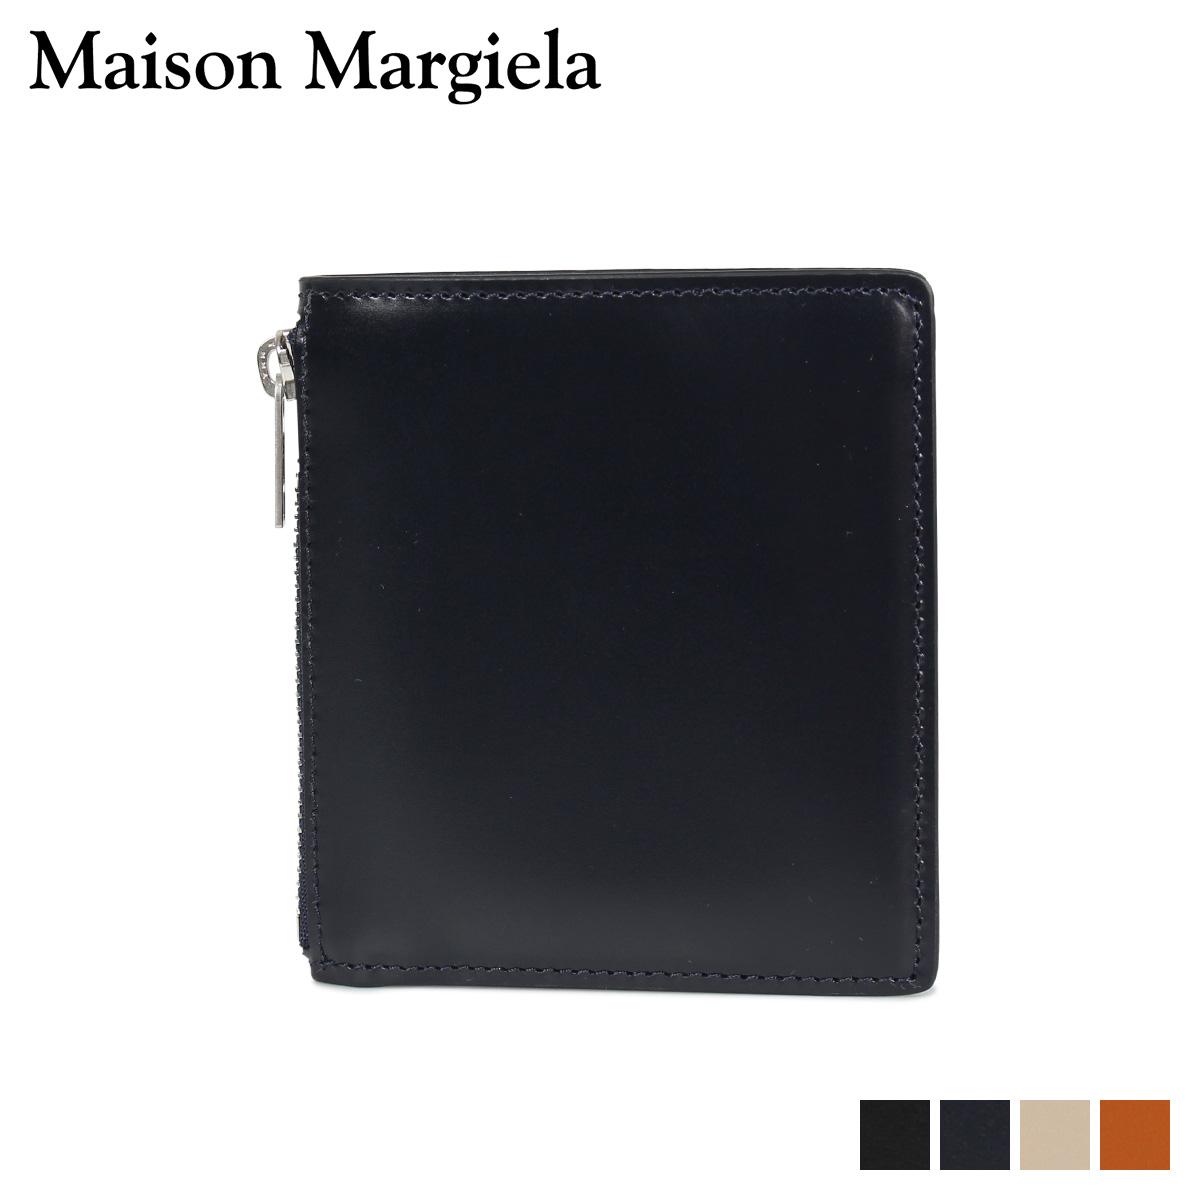 MAISON MARGIELA メゾンマルジェラ 財布 ミニ財布 二つ折り メンズ レディース MINI WALLET レザー ブラック ダーク ネイビー ベージュ ブラウン 黒 S35UI0448 P2714